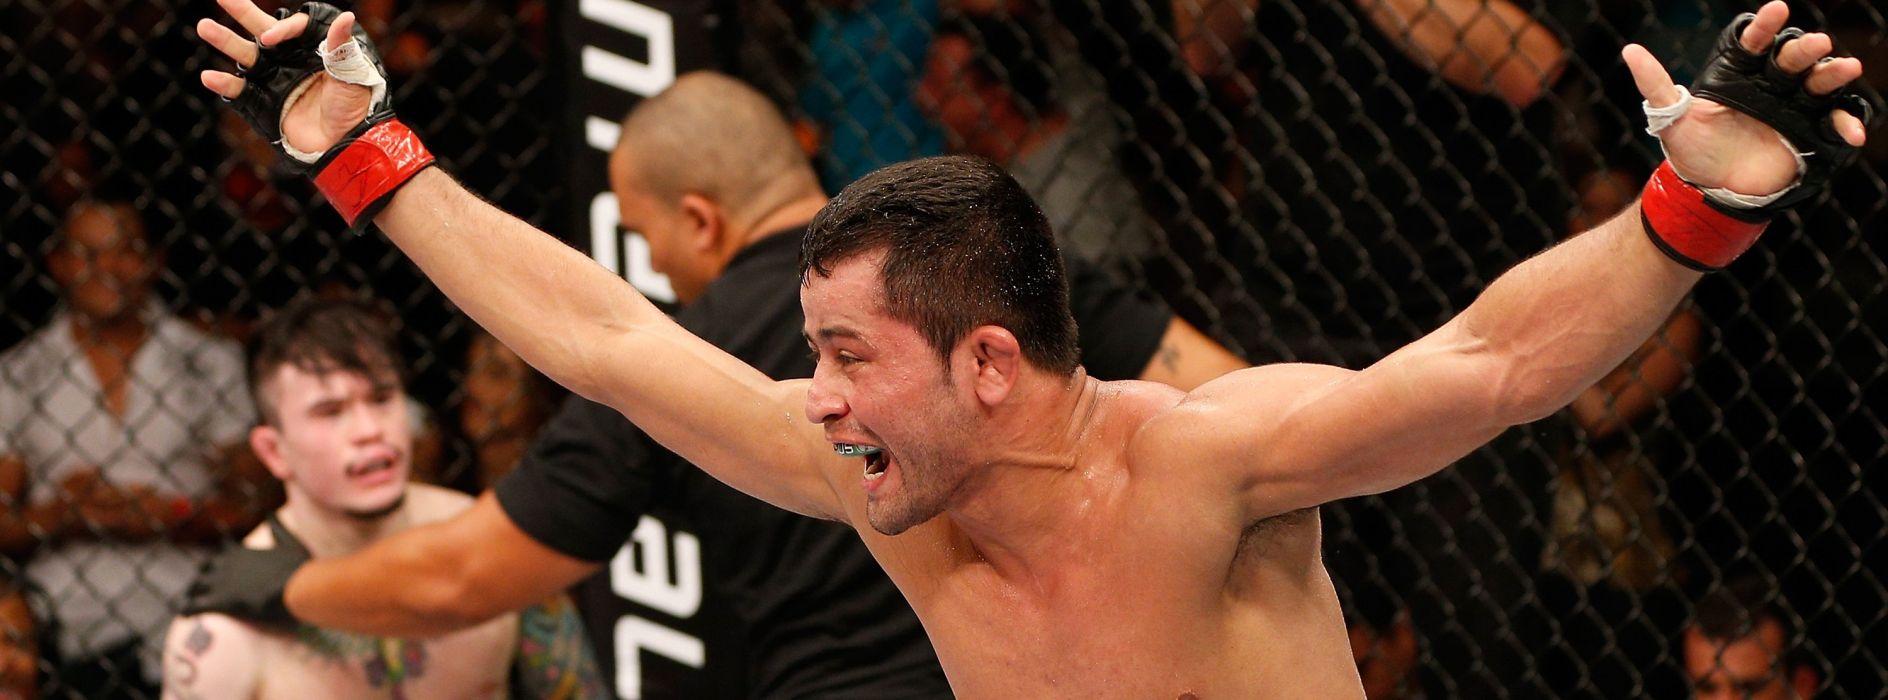 UFC mma fighting martial arts mixed (8) wallpaper